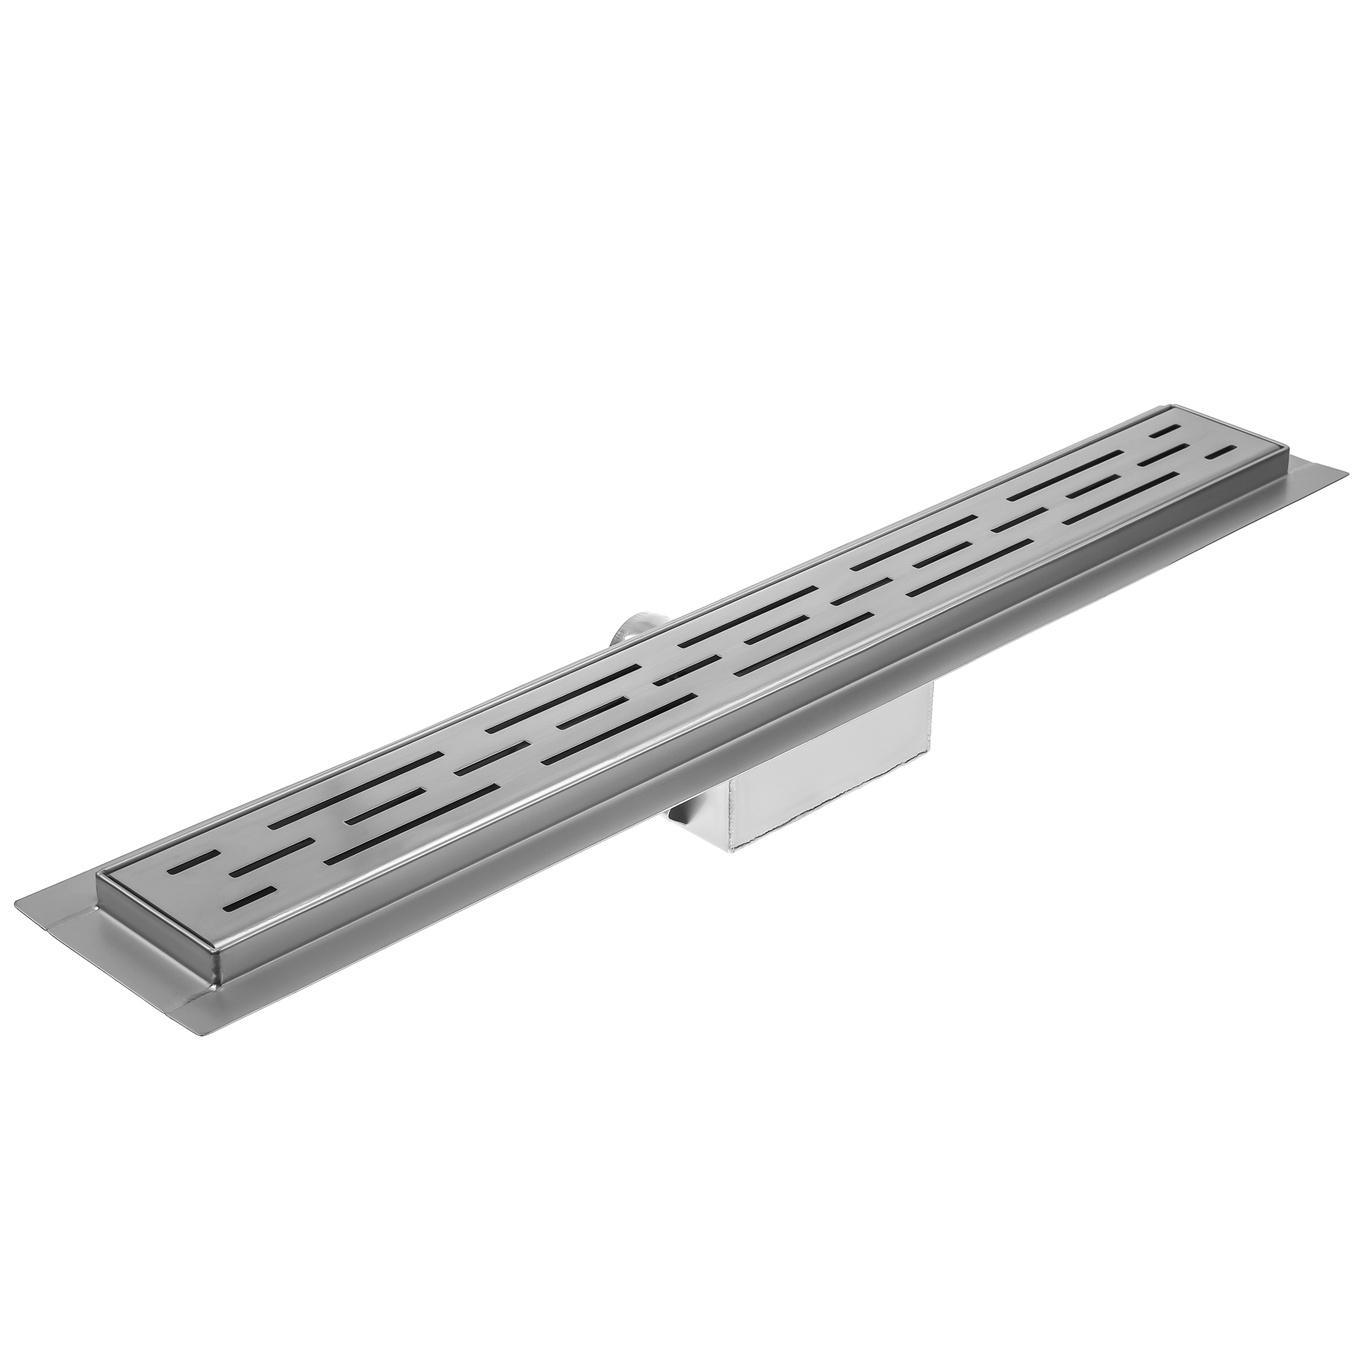 Трап для ванной комнаты ORE Drain H, серый металлик, серебристый цена